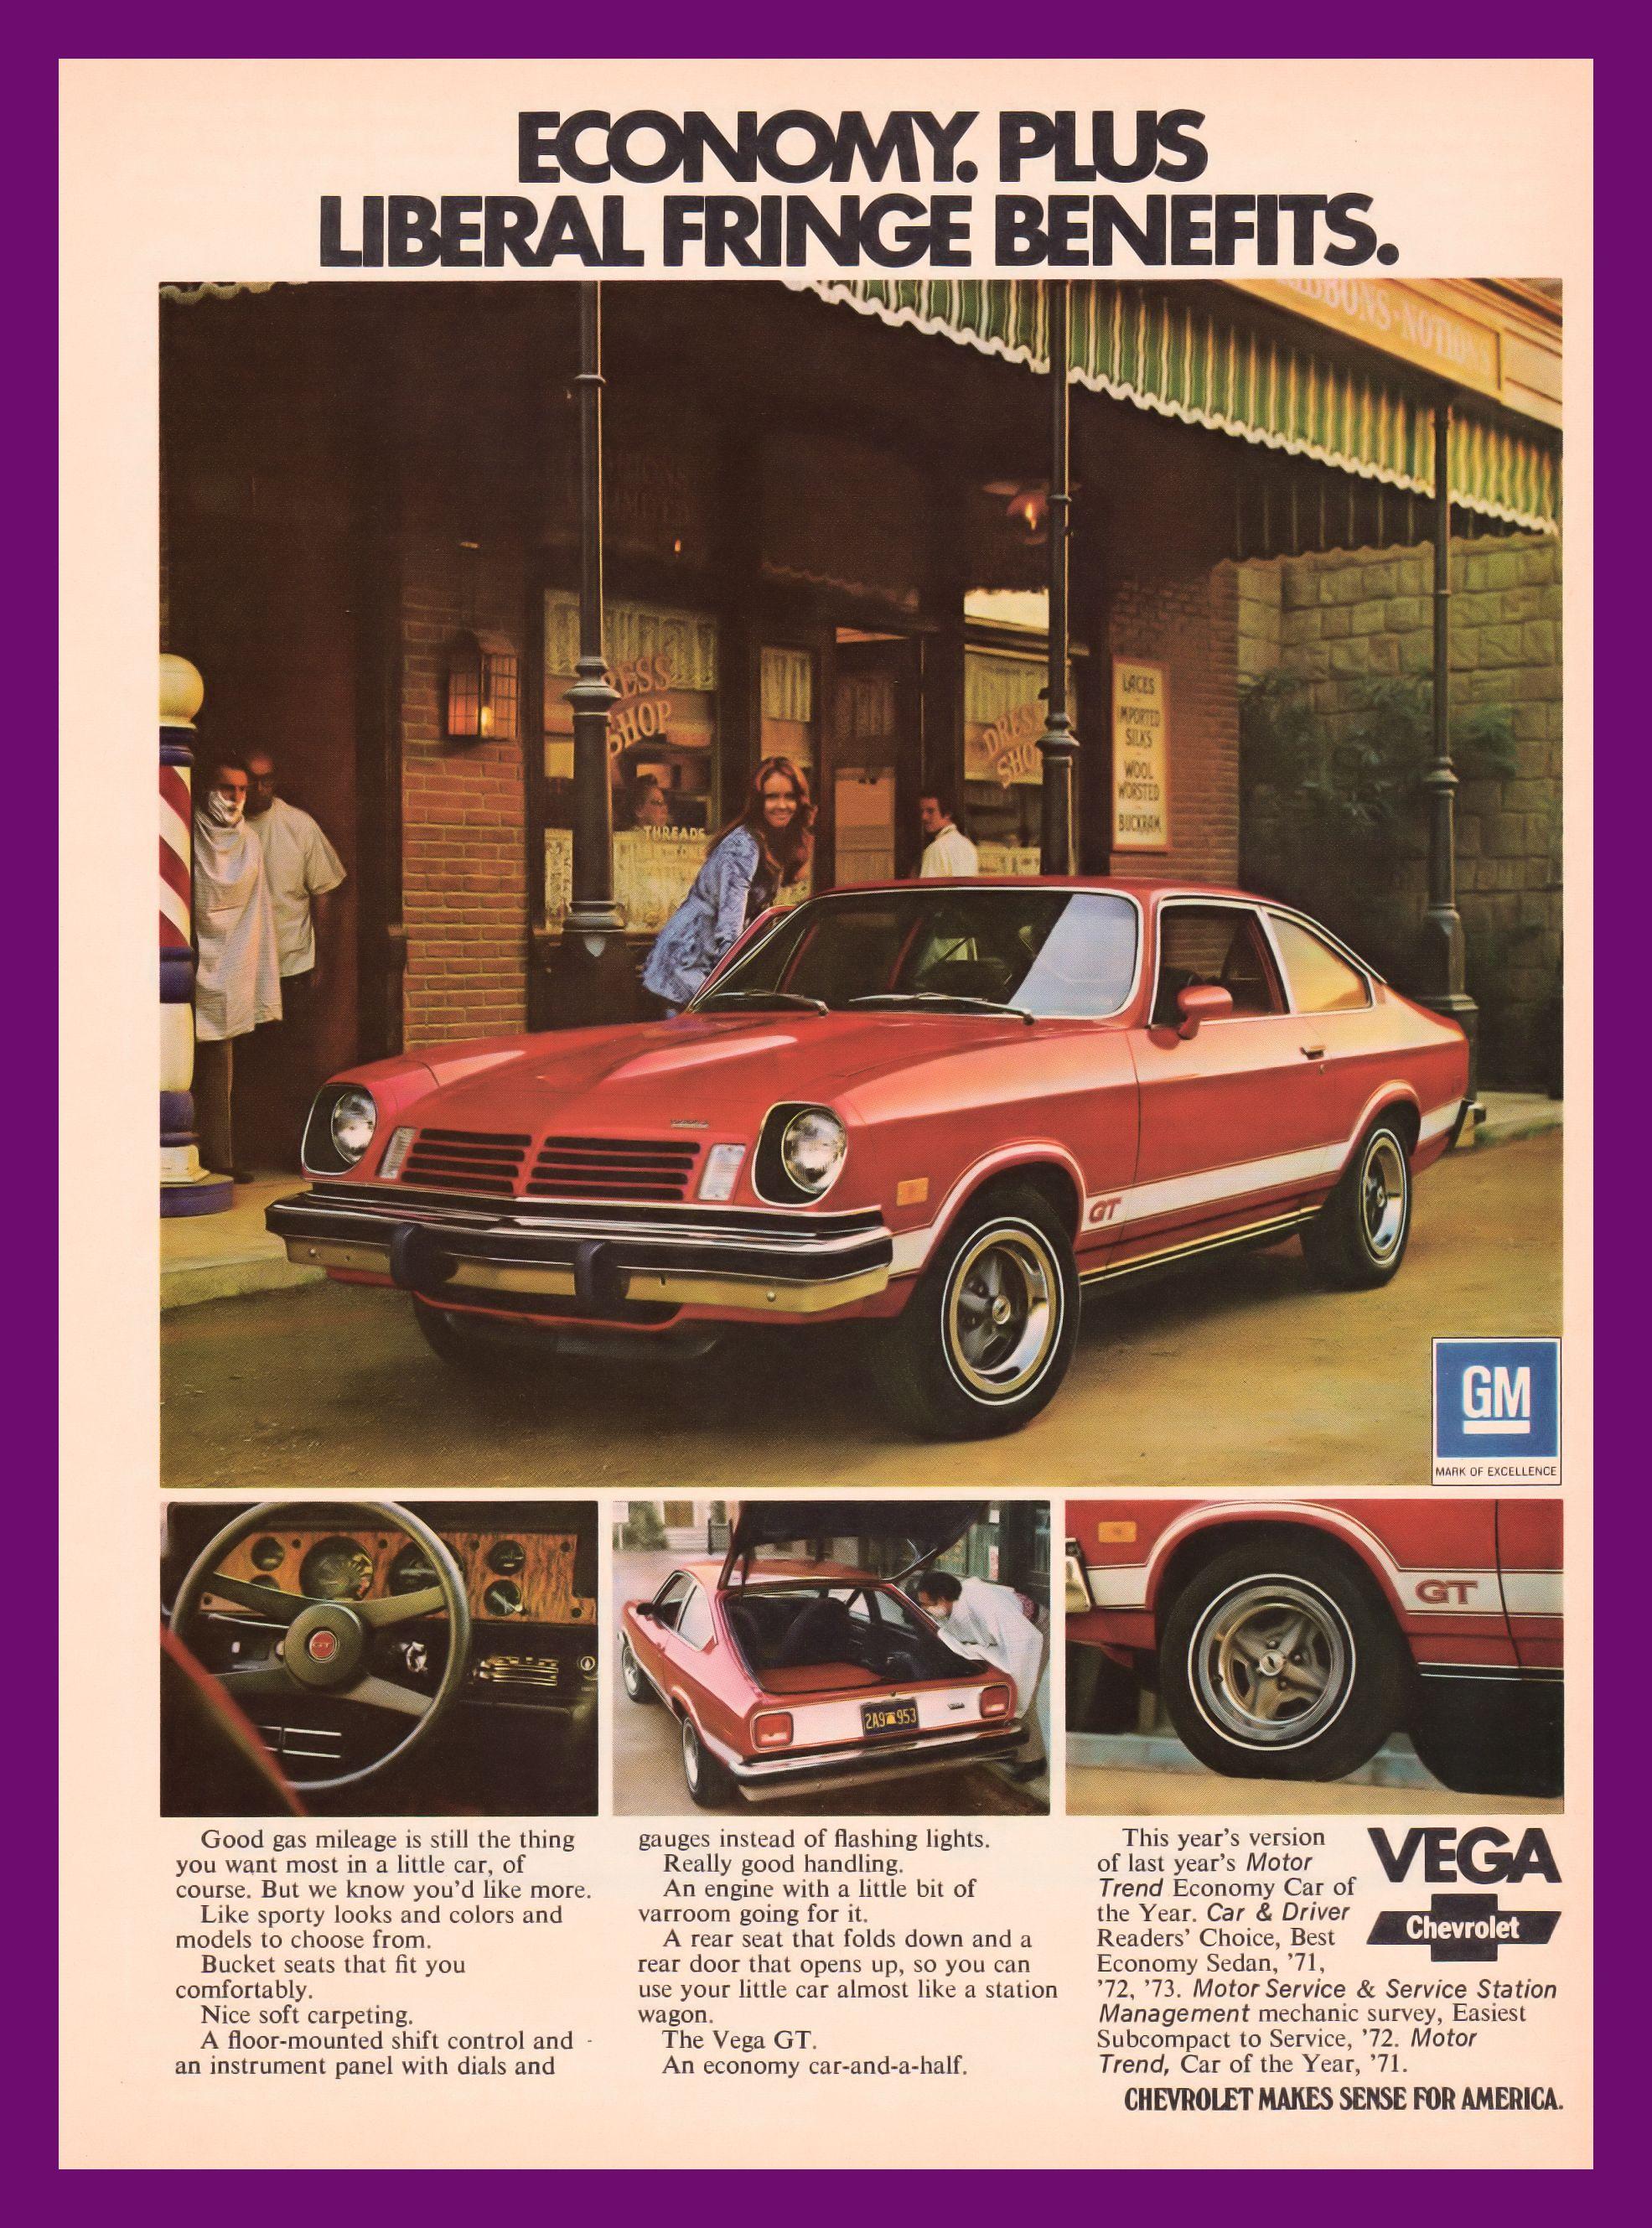 1974 Chevrolet Vega GT Liberal Fringe Benefits Vintage Ad